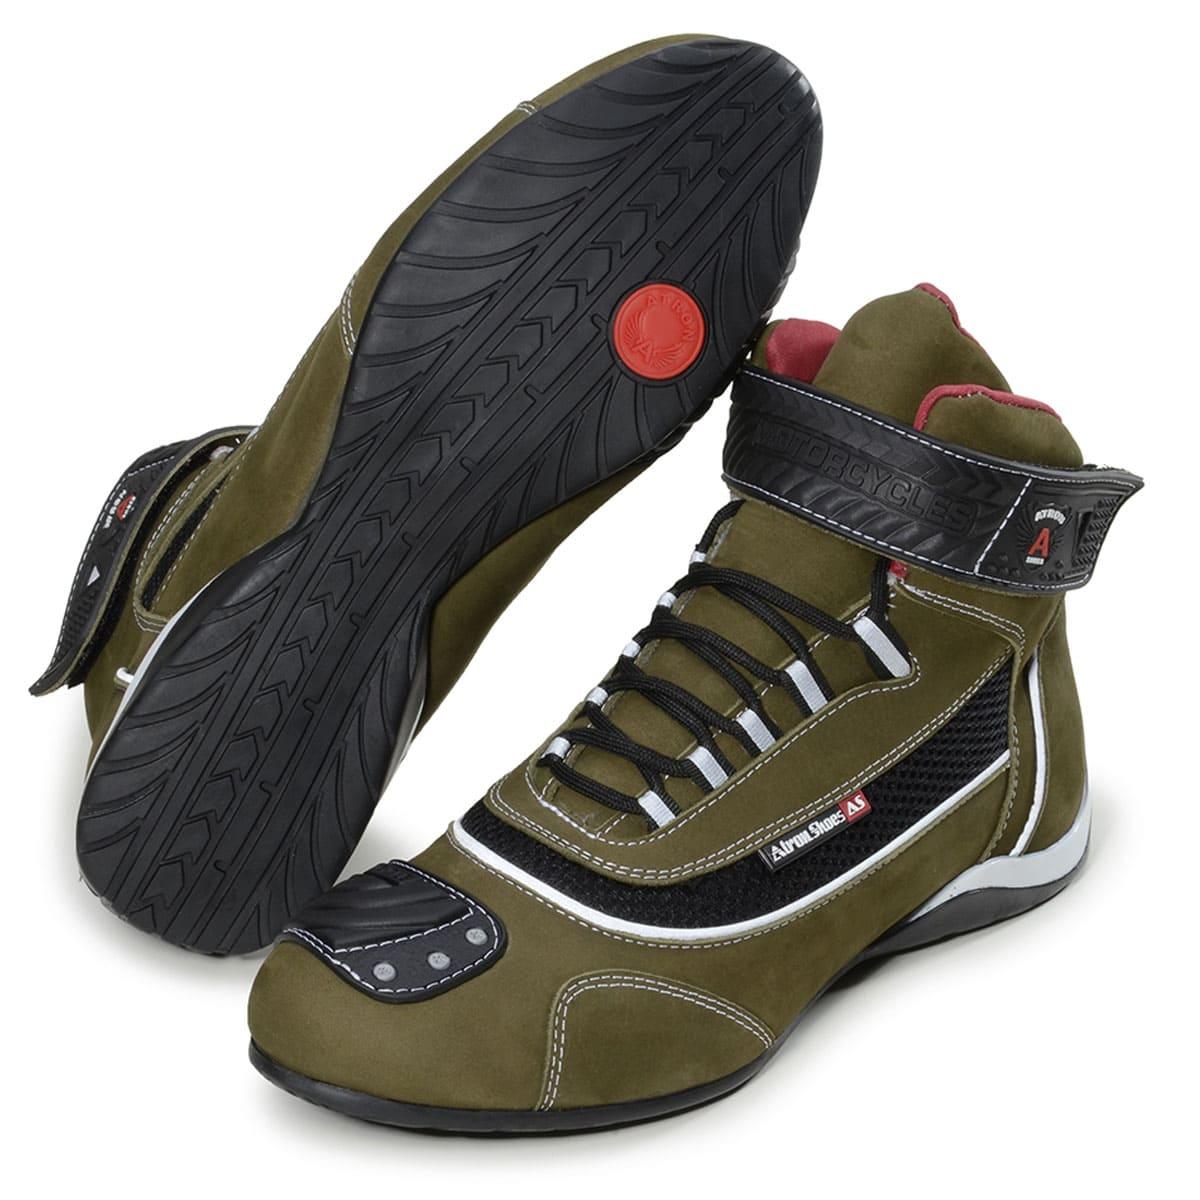 Tênis motociclista cano médio oliva e couro legítimo com chinelo de borracha com carteira de brinde 310